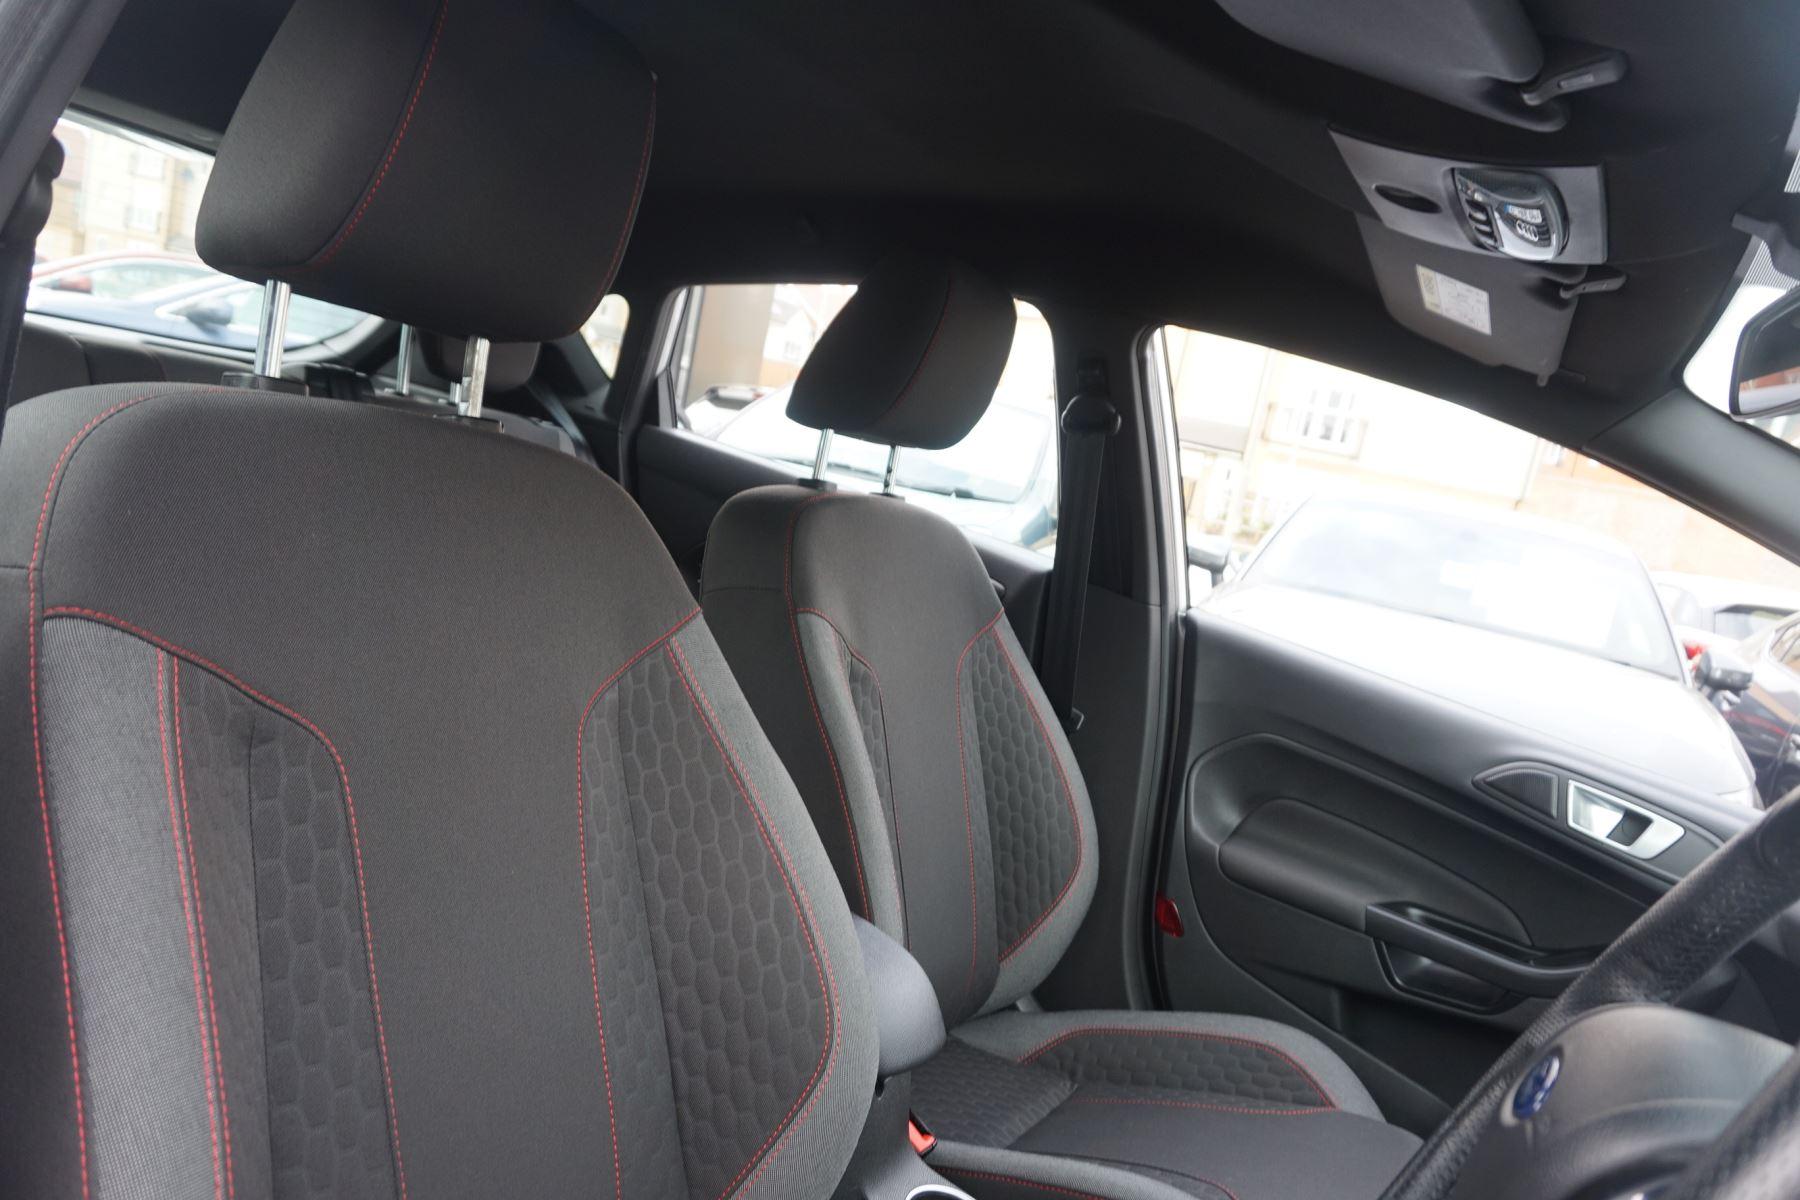 Ford Fiesta 1.0 EcoBoost 125 ST-Line 5dr image 18